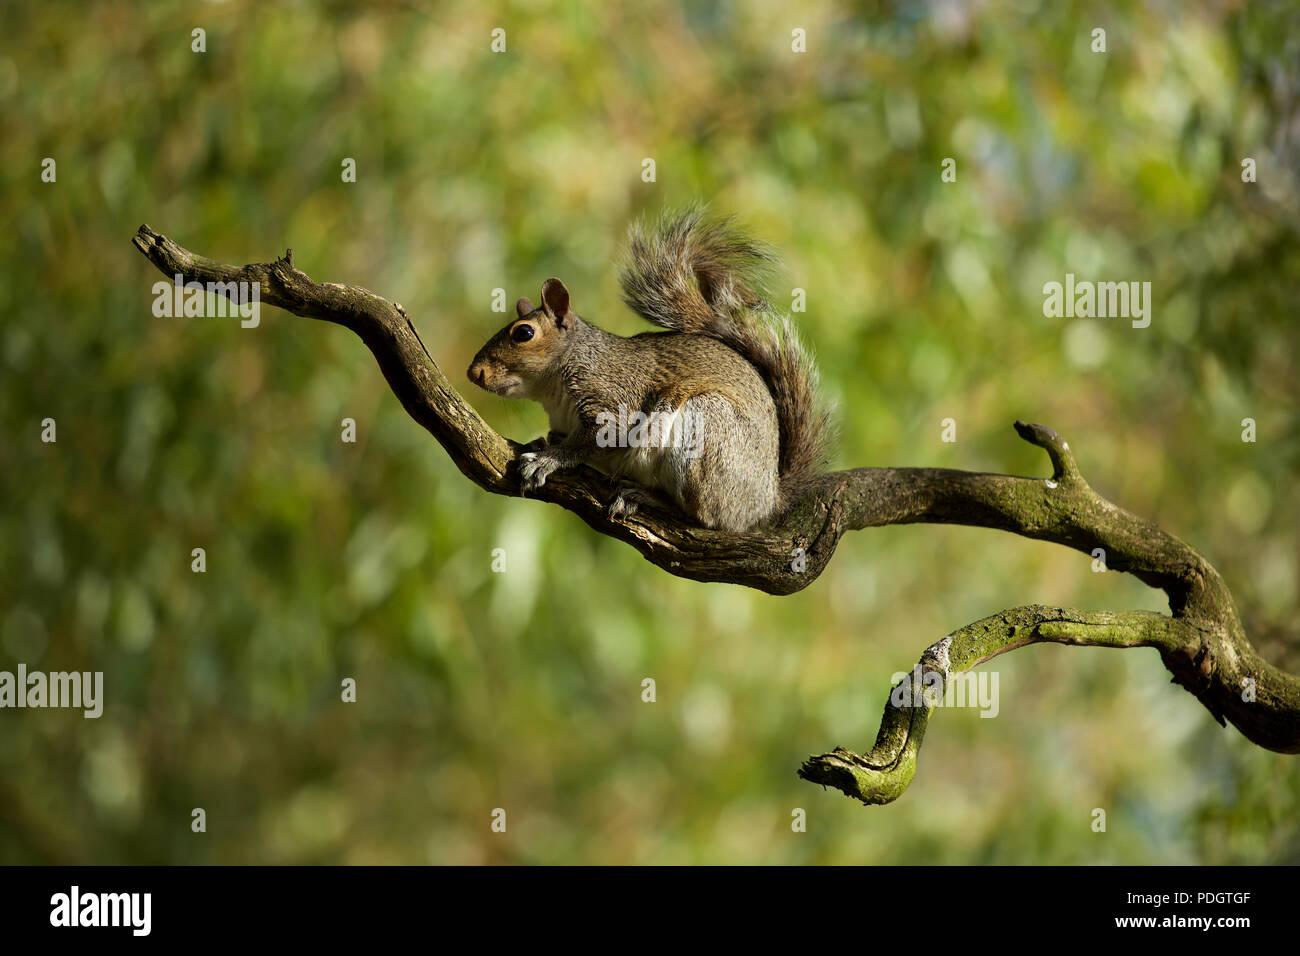 Ardilla gris capturado en el abierto sobre esta rama del árbol retorcido Imagen De Stock